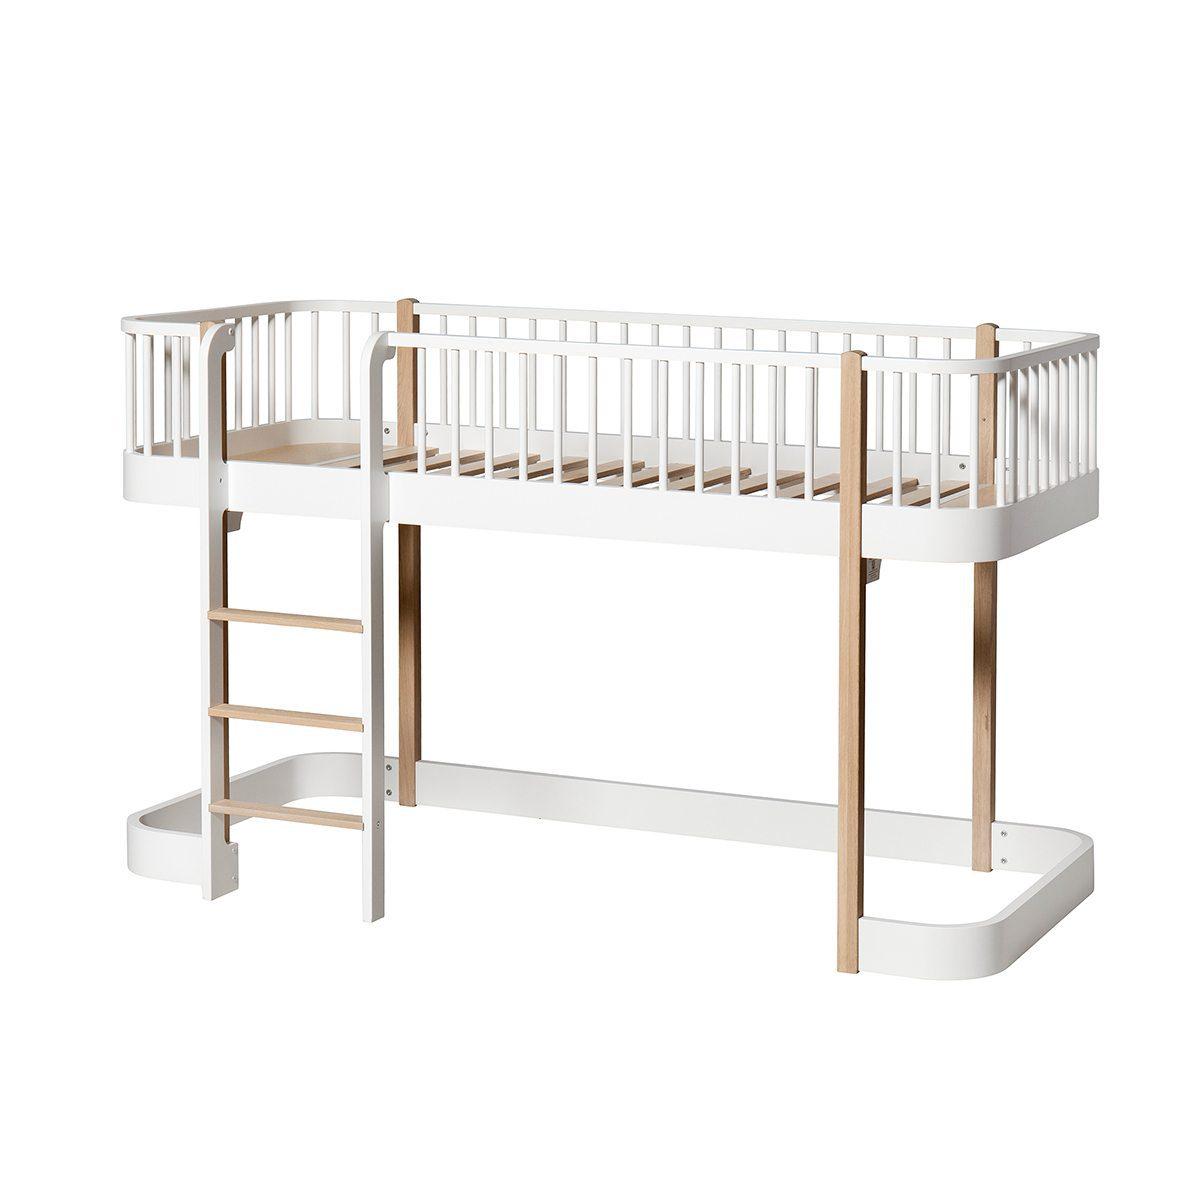 Oliver Furniture low Loft bed Wood white oak ladder links voor